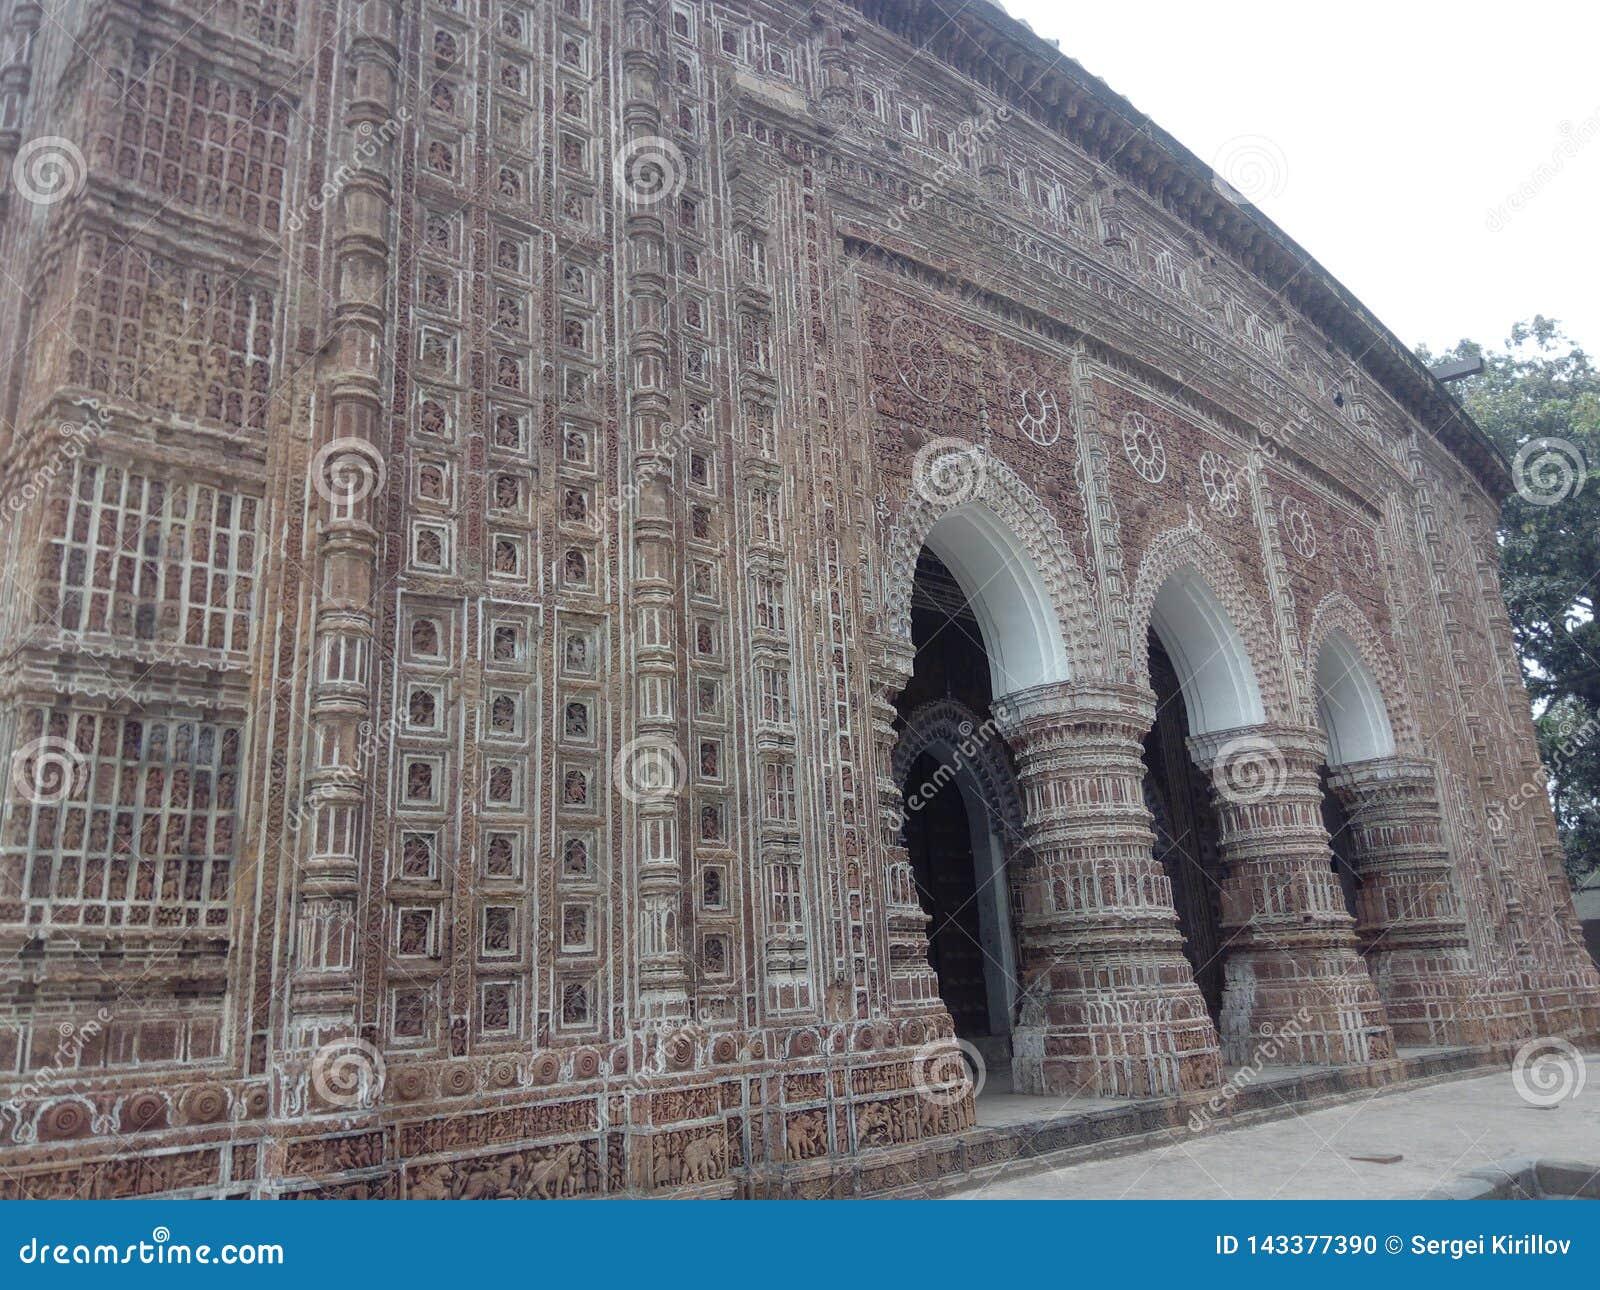 Ναός Kantanagar με το δέκατο όγδοο αιώνα Μπανγκλαντές σχεδίου τερακότας